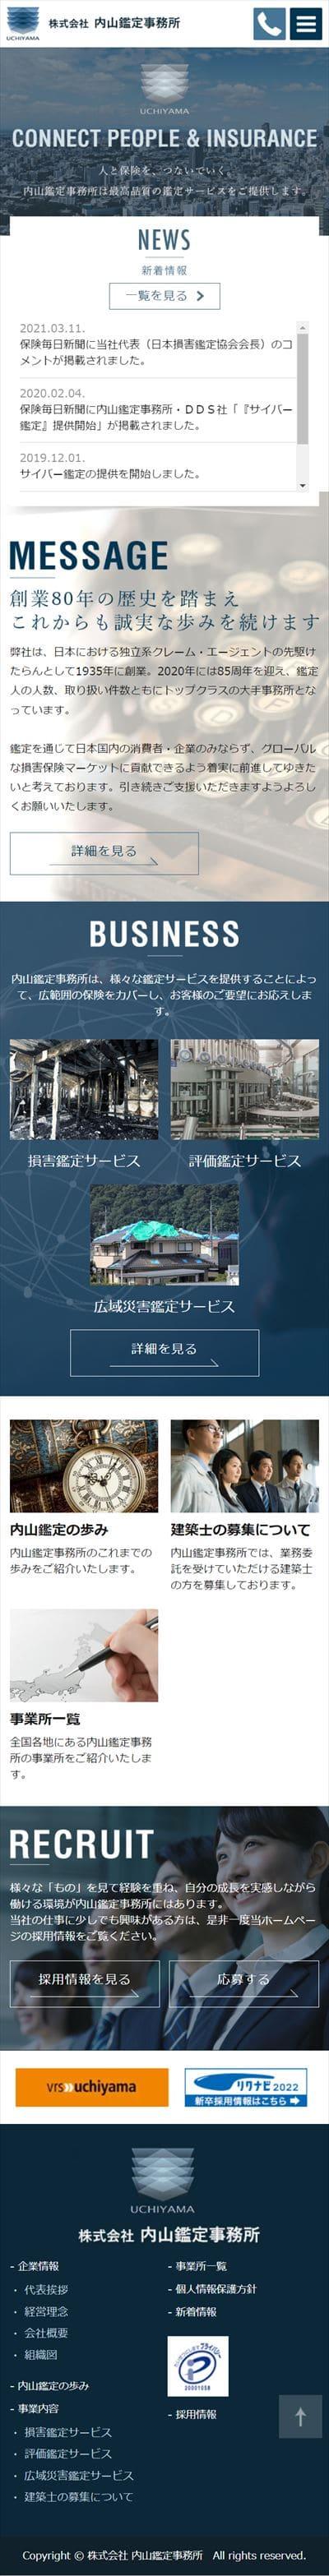 株式会社内山鑑定事務所